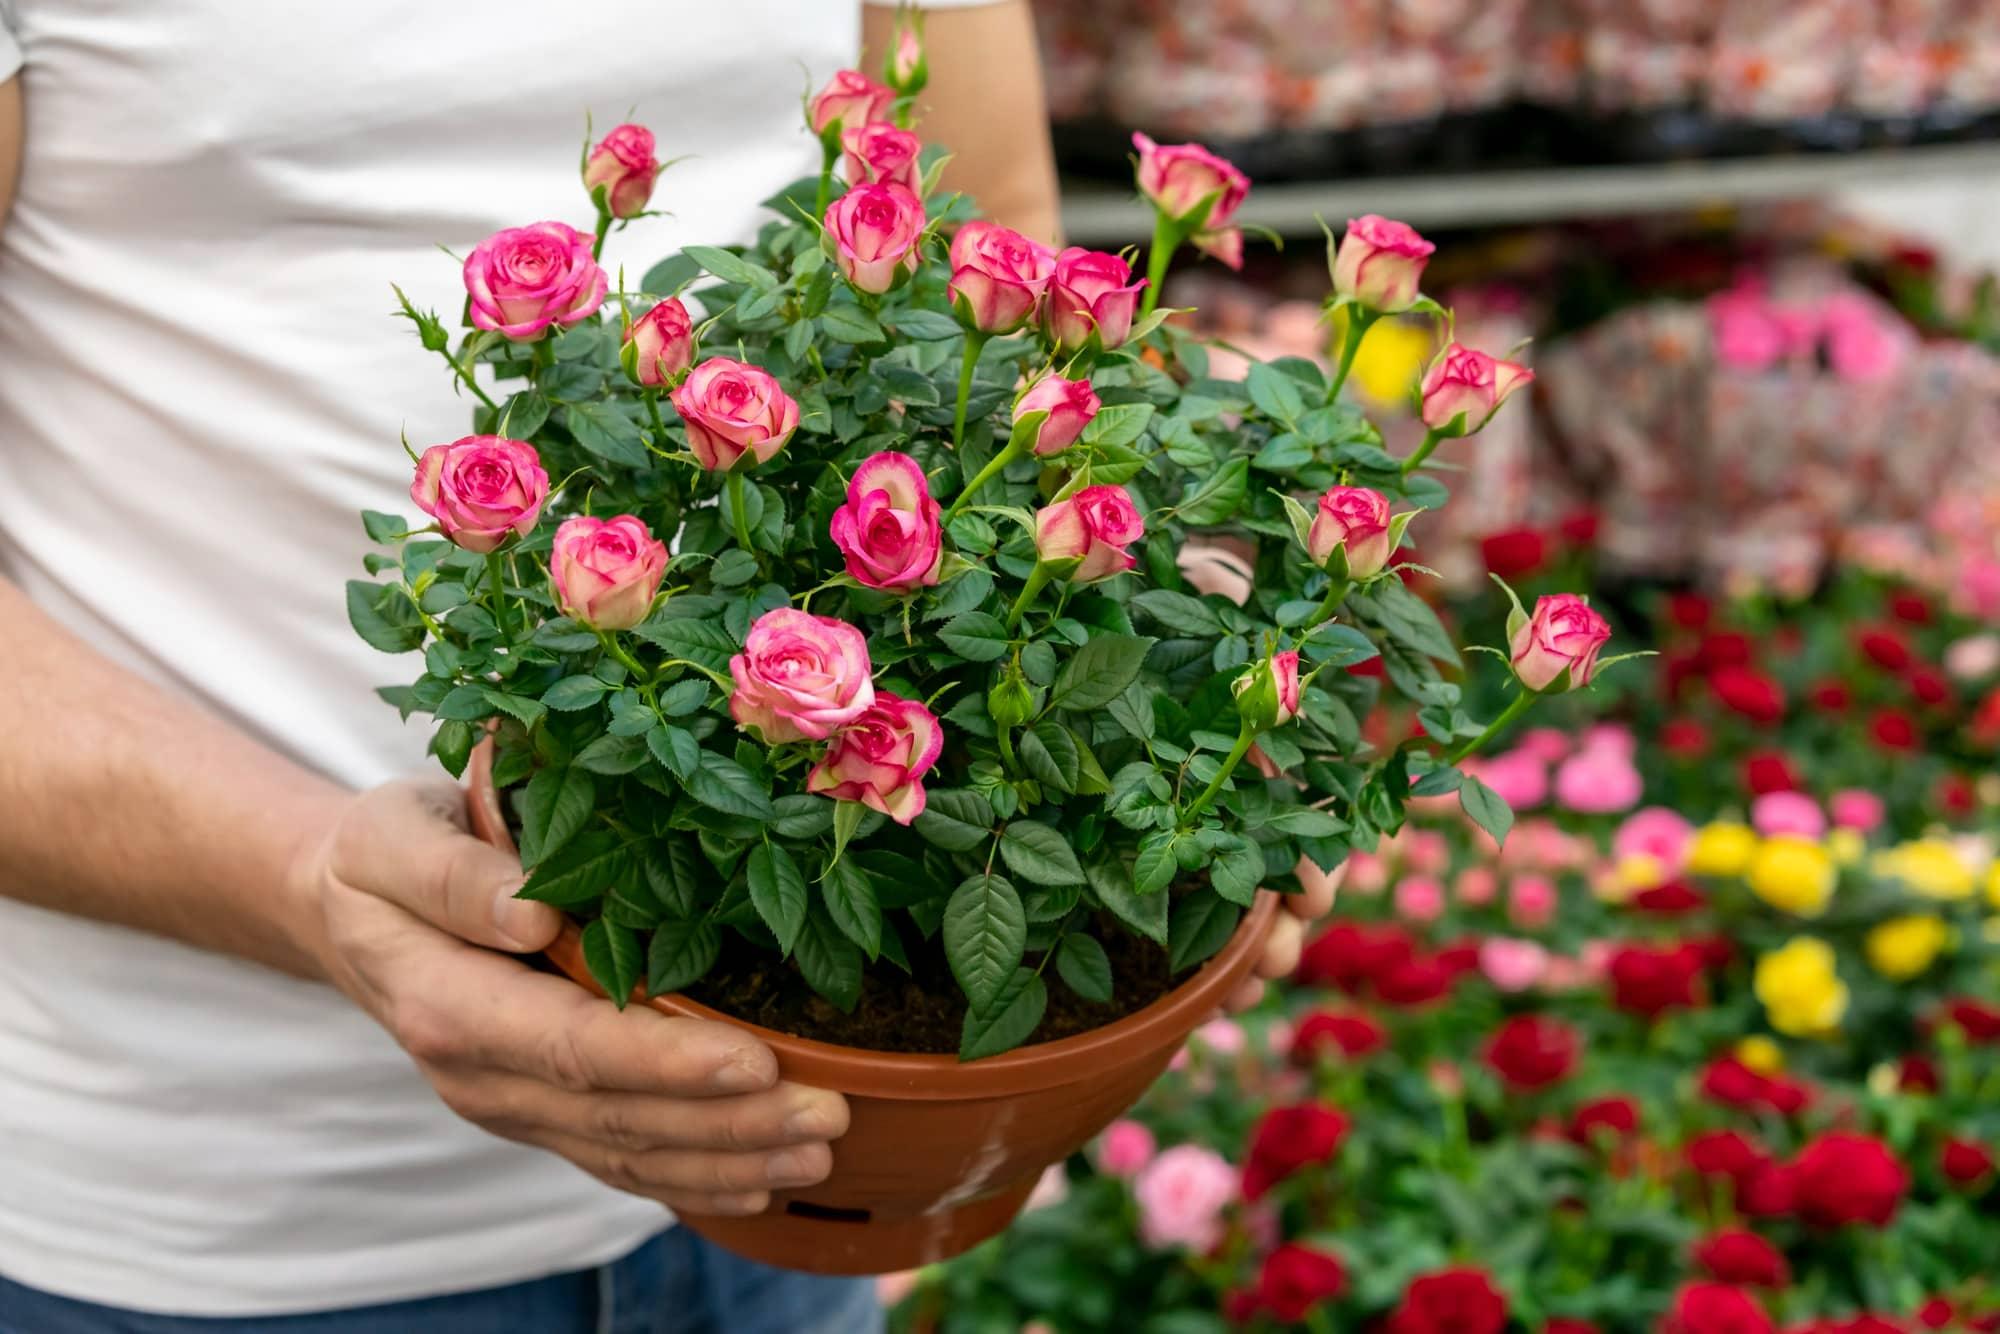 Цветочница выносит летом комнатные растения на улицу, шикуют там до сентября Советы,Балконы,Дом,Растения,Сад,Садоводство,Цветоводство,Цветы